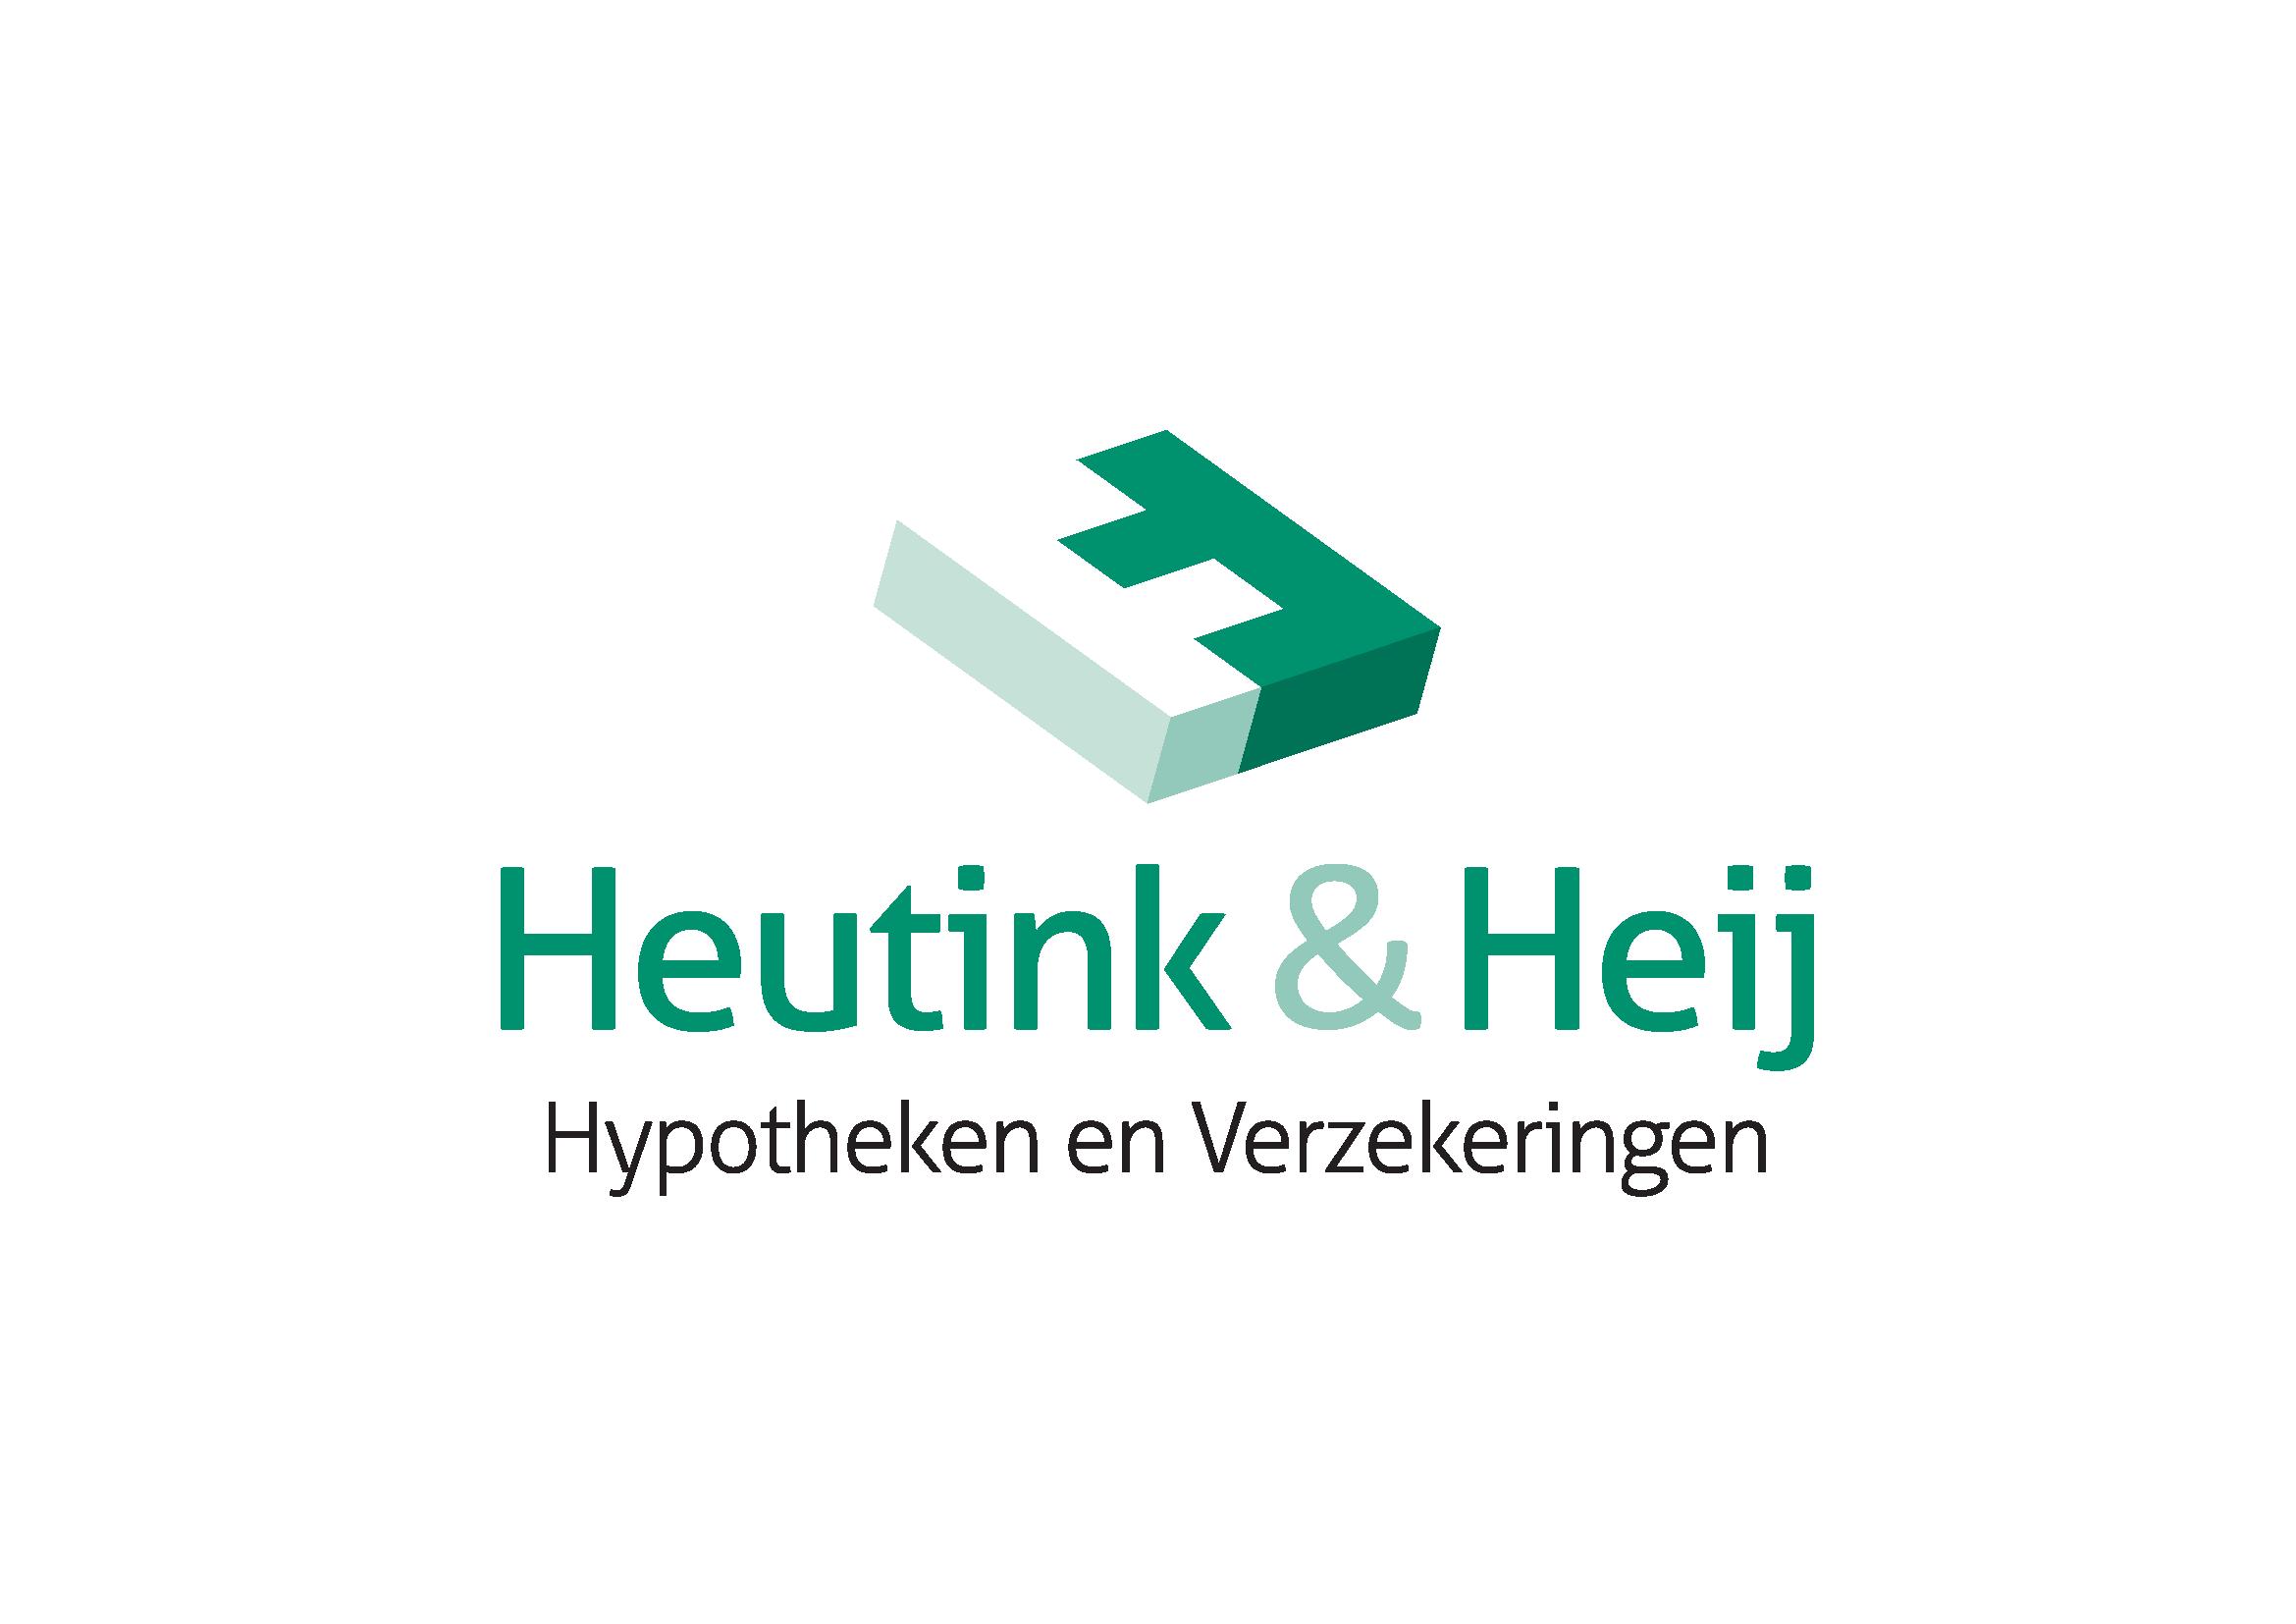 01 HeutinkHeij - logo